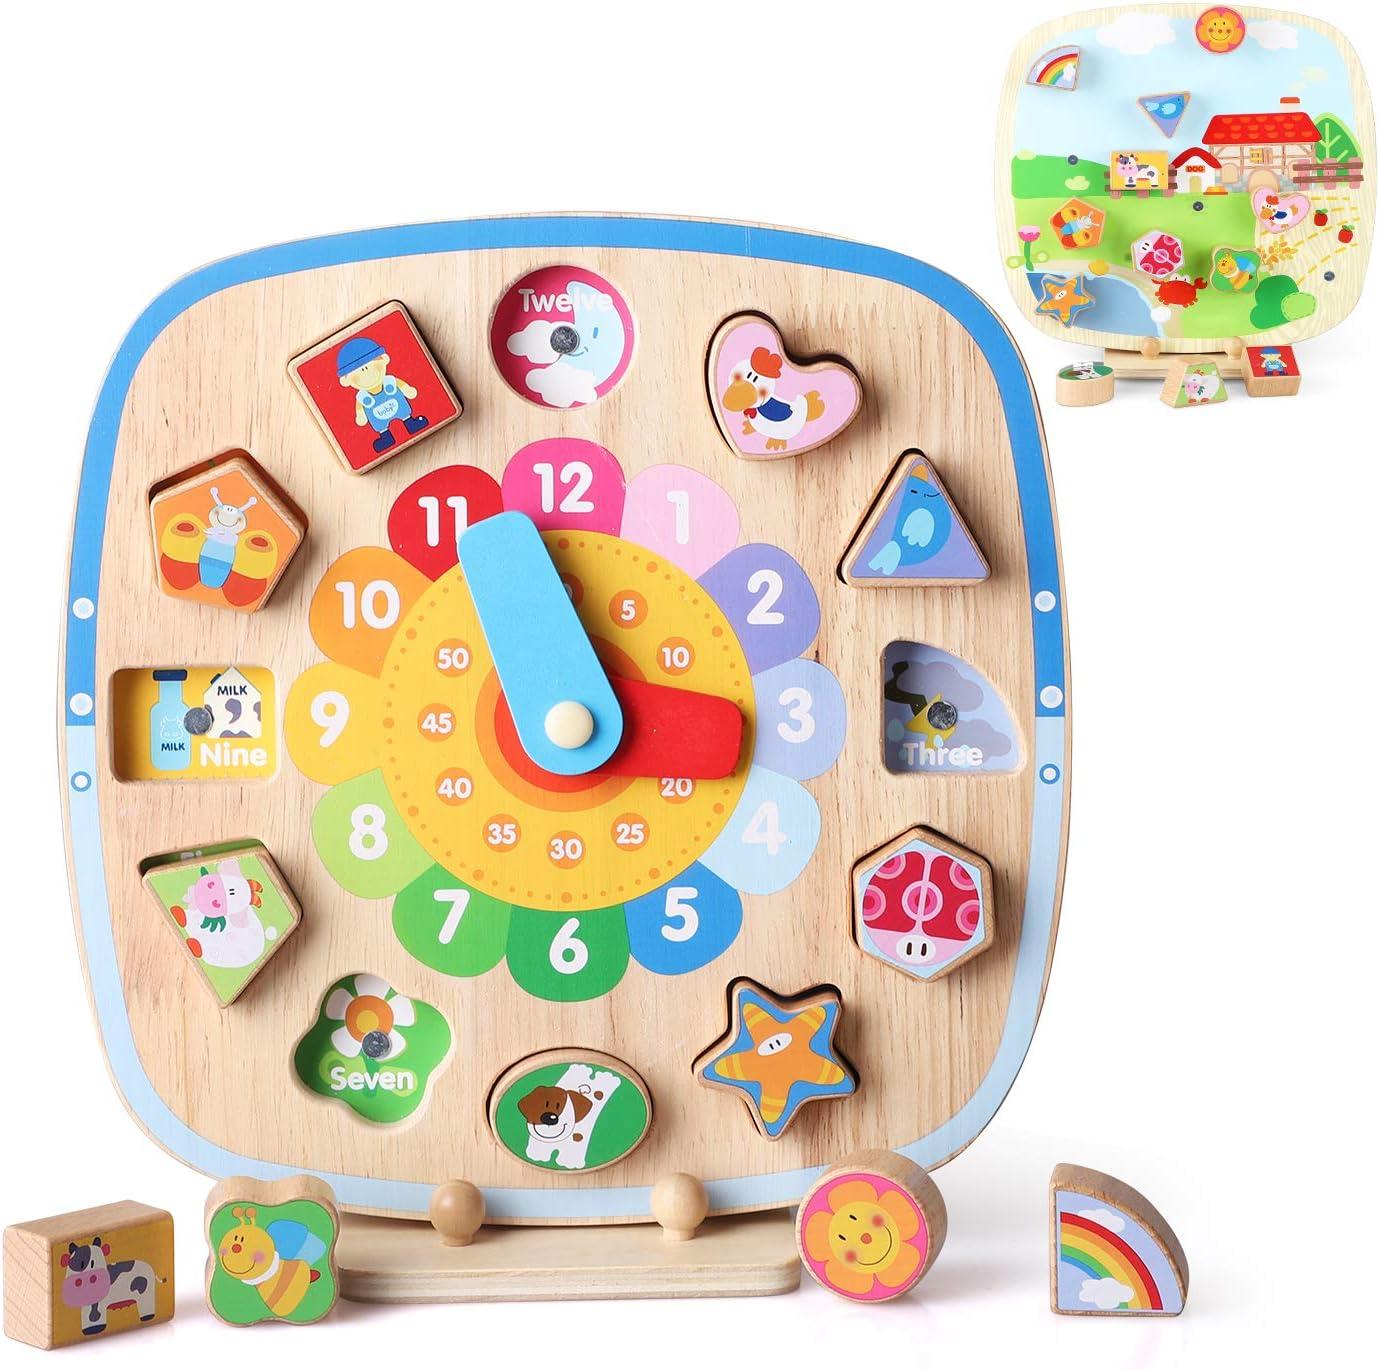 BeebeeRun Reloj de Madera Juguete 5 en 1 Enseñanza educativa Aprendizaje Reloj con Forma Clasificación de Colores Rompecabezas y números para niños y niñas Niños pequeños Bebés Niños 1 2 3 4 años